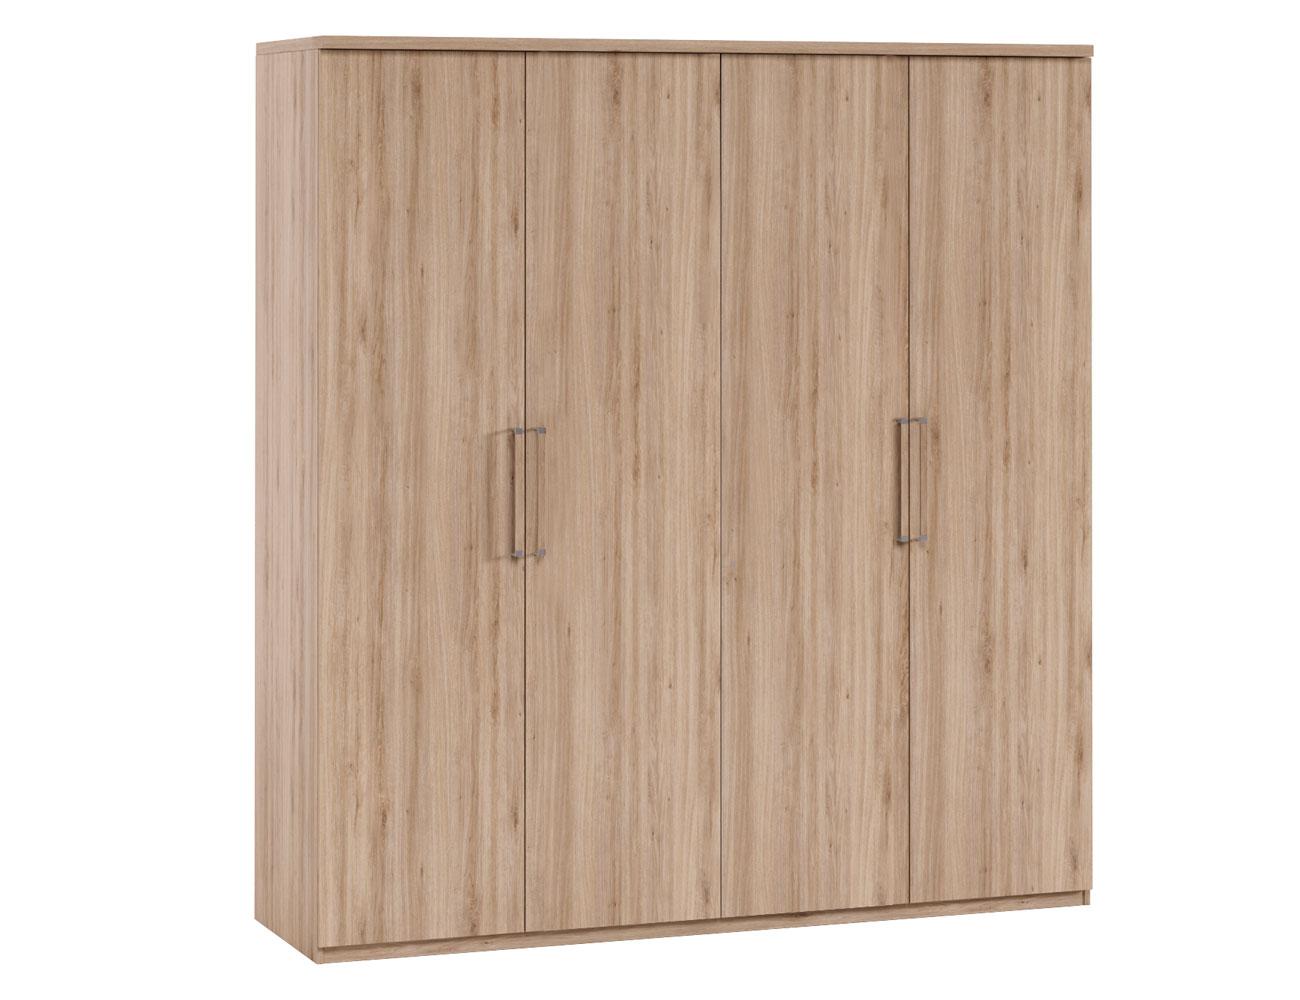 Dk49 armario puertas abatibles roble4